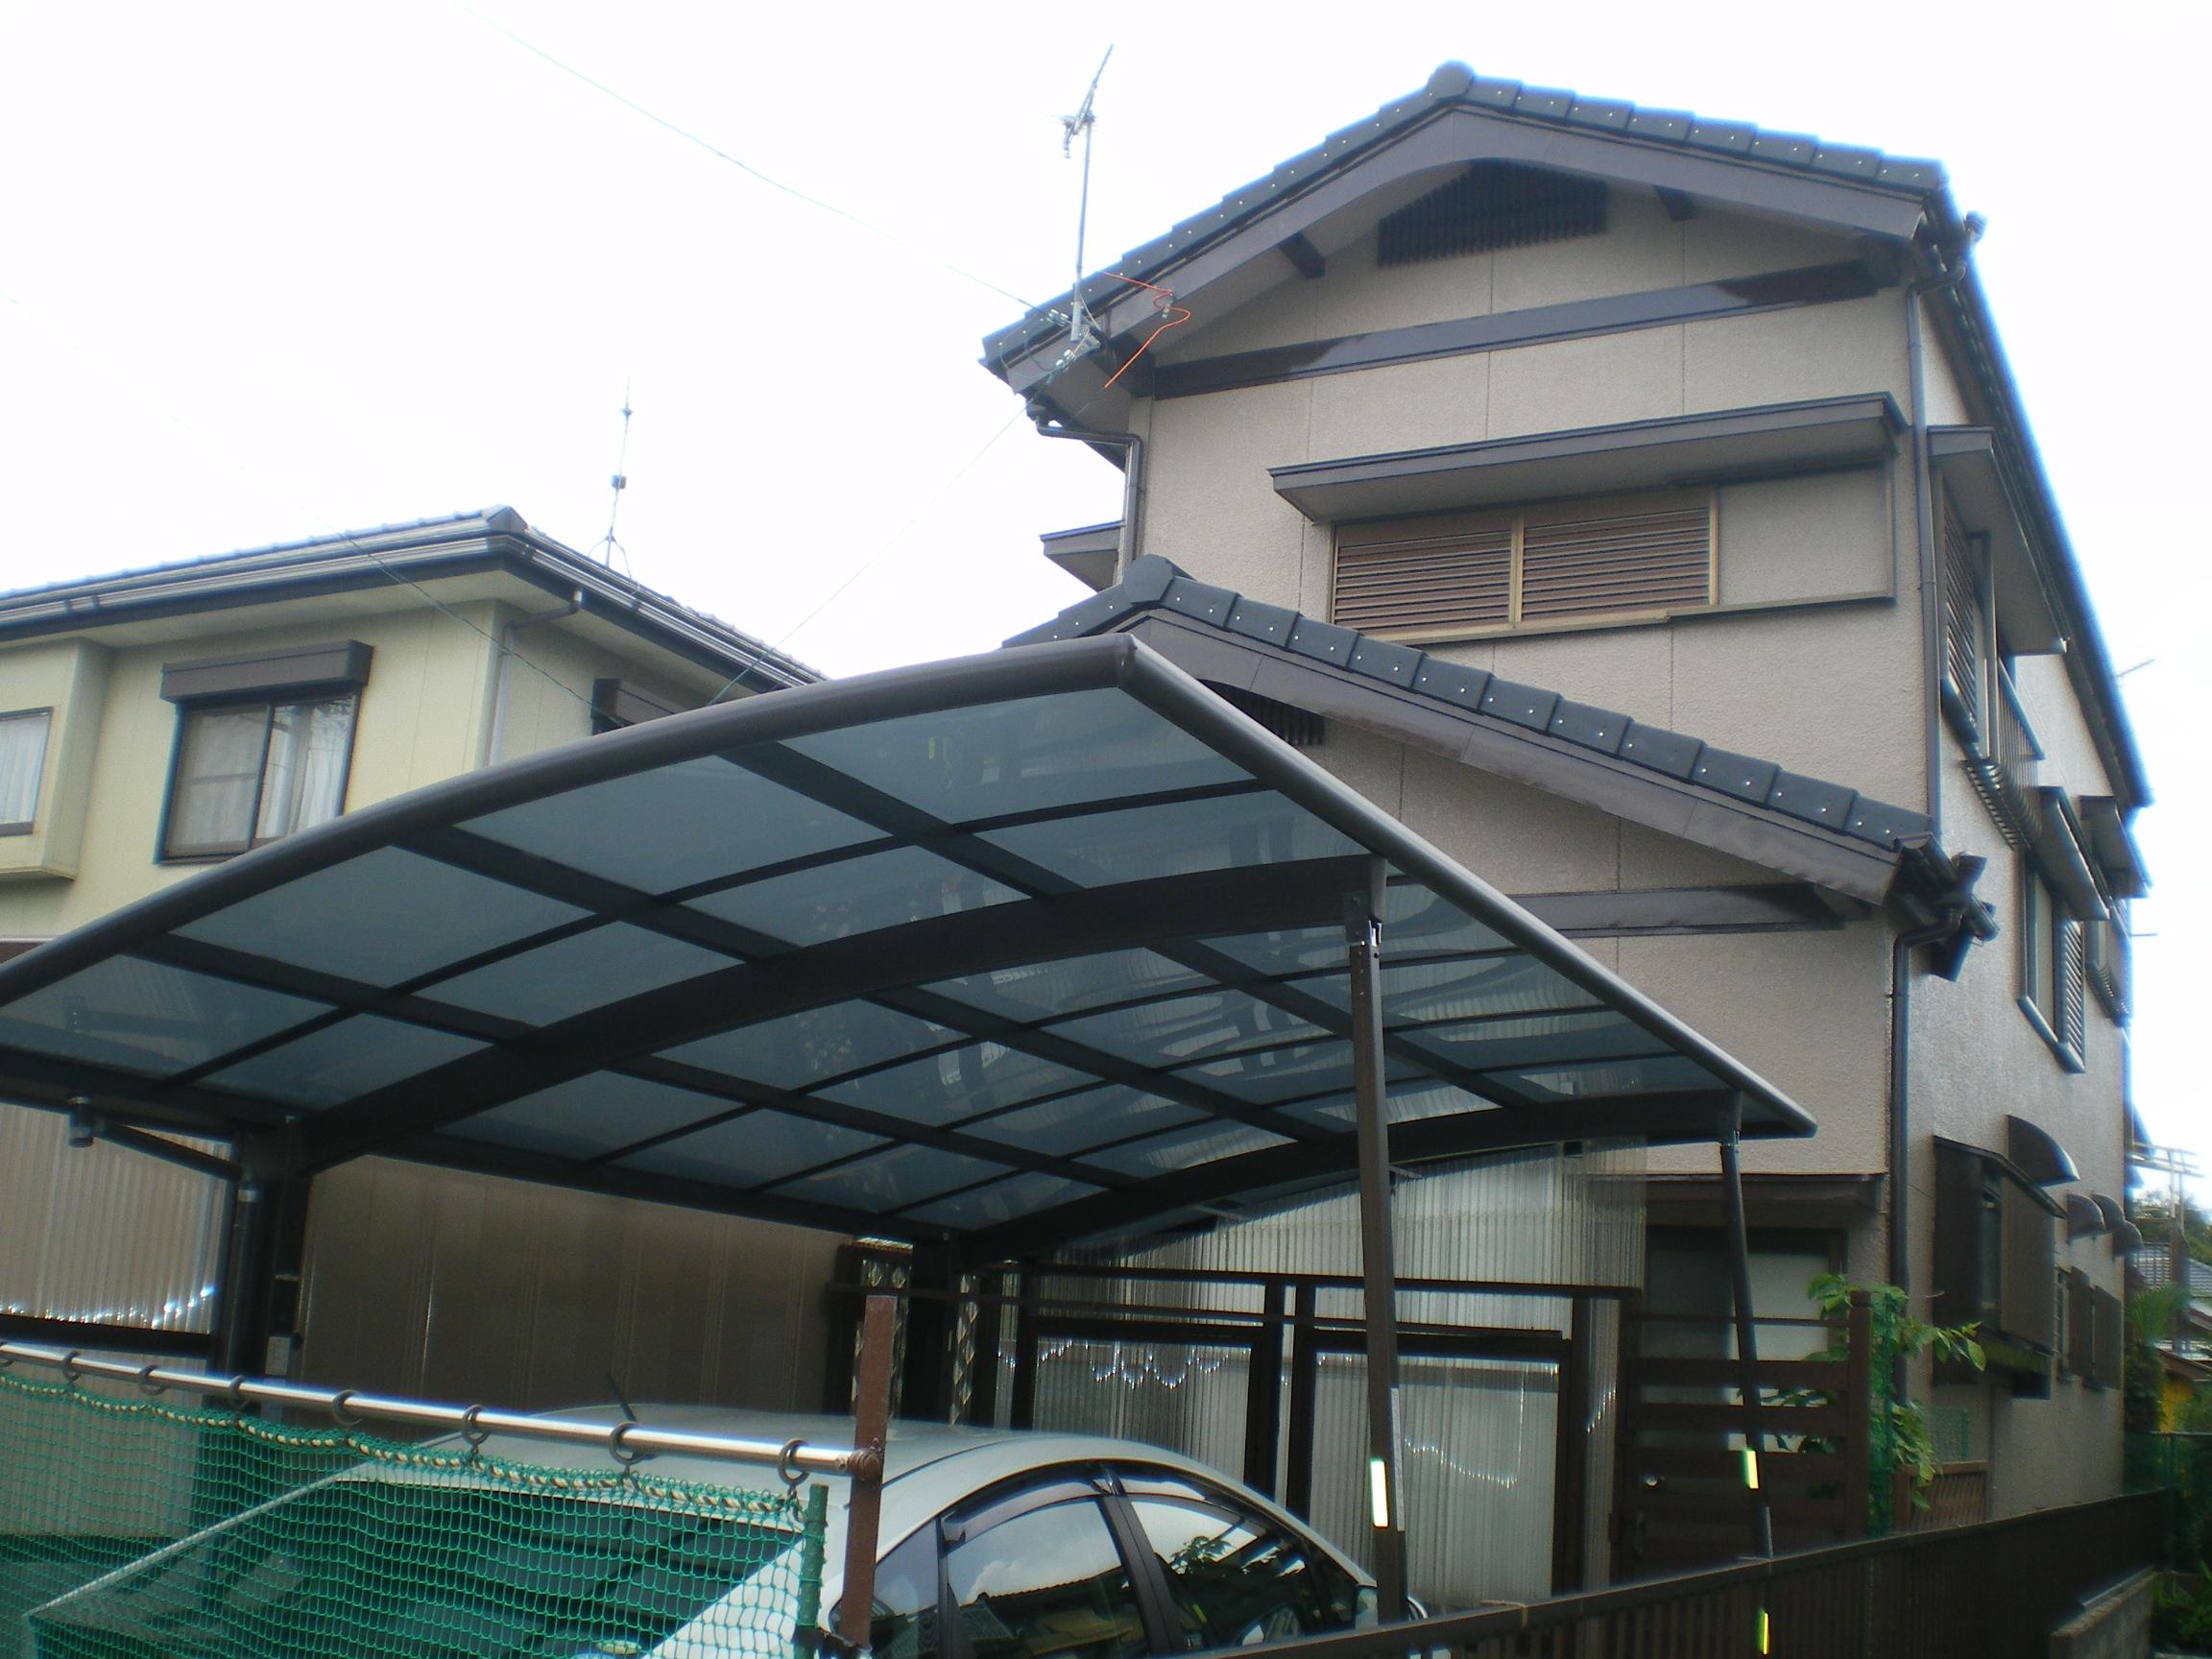 屋根も軽い屋根となり、ガラッとイメージが変わりました。外壁も防水塗料を塗ったので安心です!